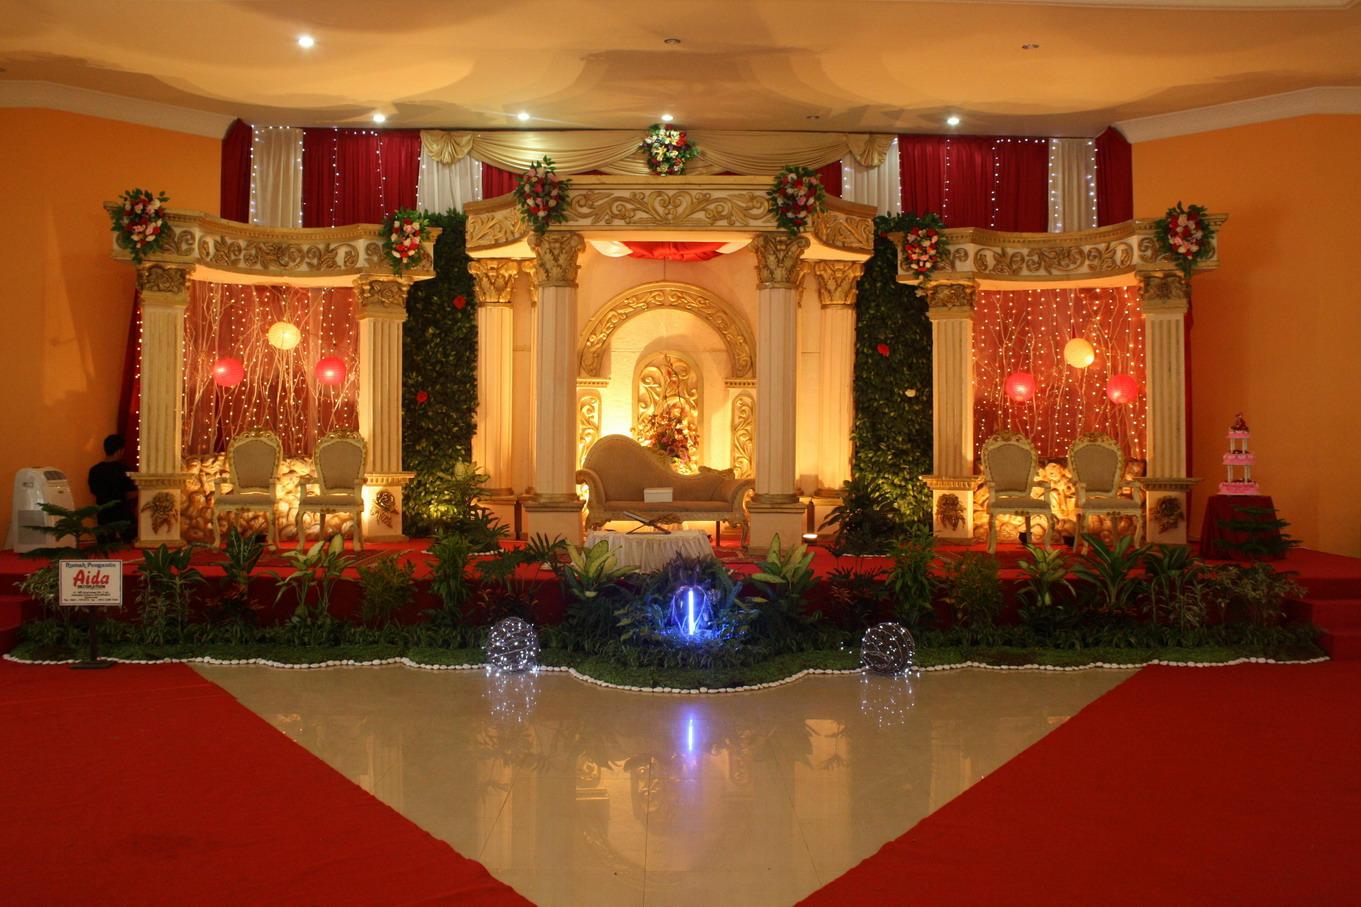 Contoh dekorasi dekorasi di gedung pramuka samarinda for Dekorasi party di hotel